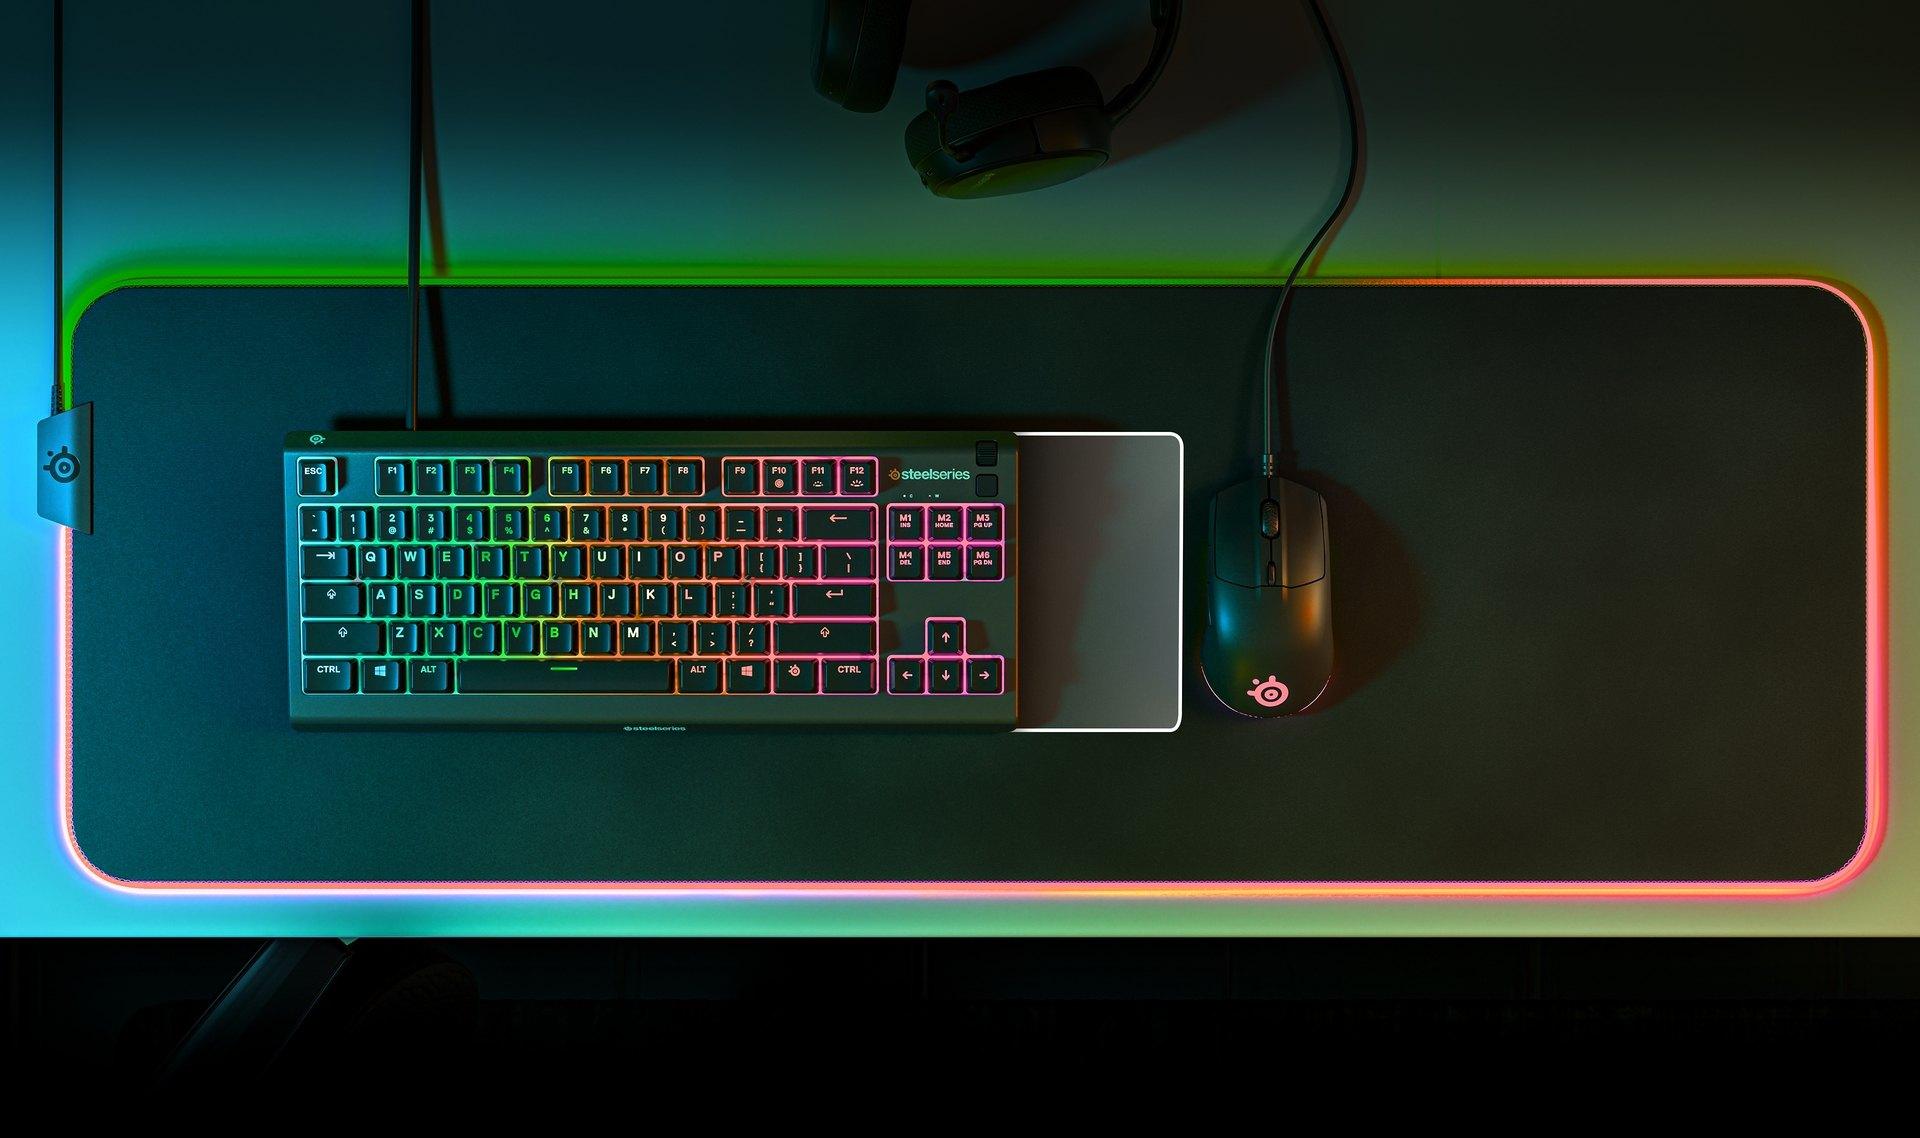 """""""Apex3TKL""""-Tastatur und SteelSeries-Maus auf einem beleuchteten QcK-Prism-Mauspad mit Stoffüberzug. Daneben liegt ein Arctis-Headset. Alle Geräten werden von der RGB-Beleuchtung angestrahlt."""